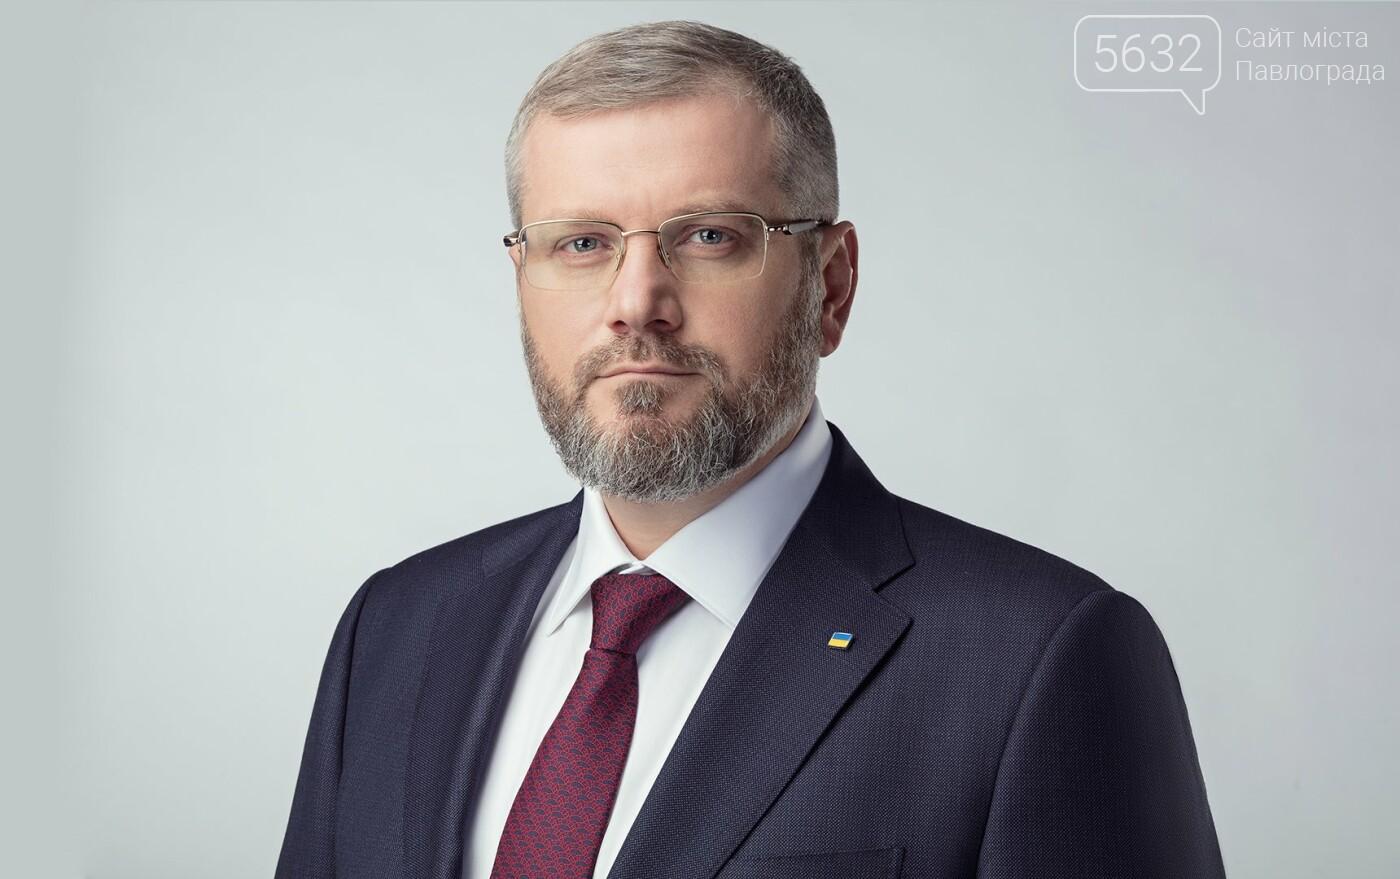 Вилкул: Украина не должна быть прозападной или провосточной, она должна стать ПРОУКРАИНСКОЙ, фото-1